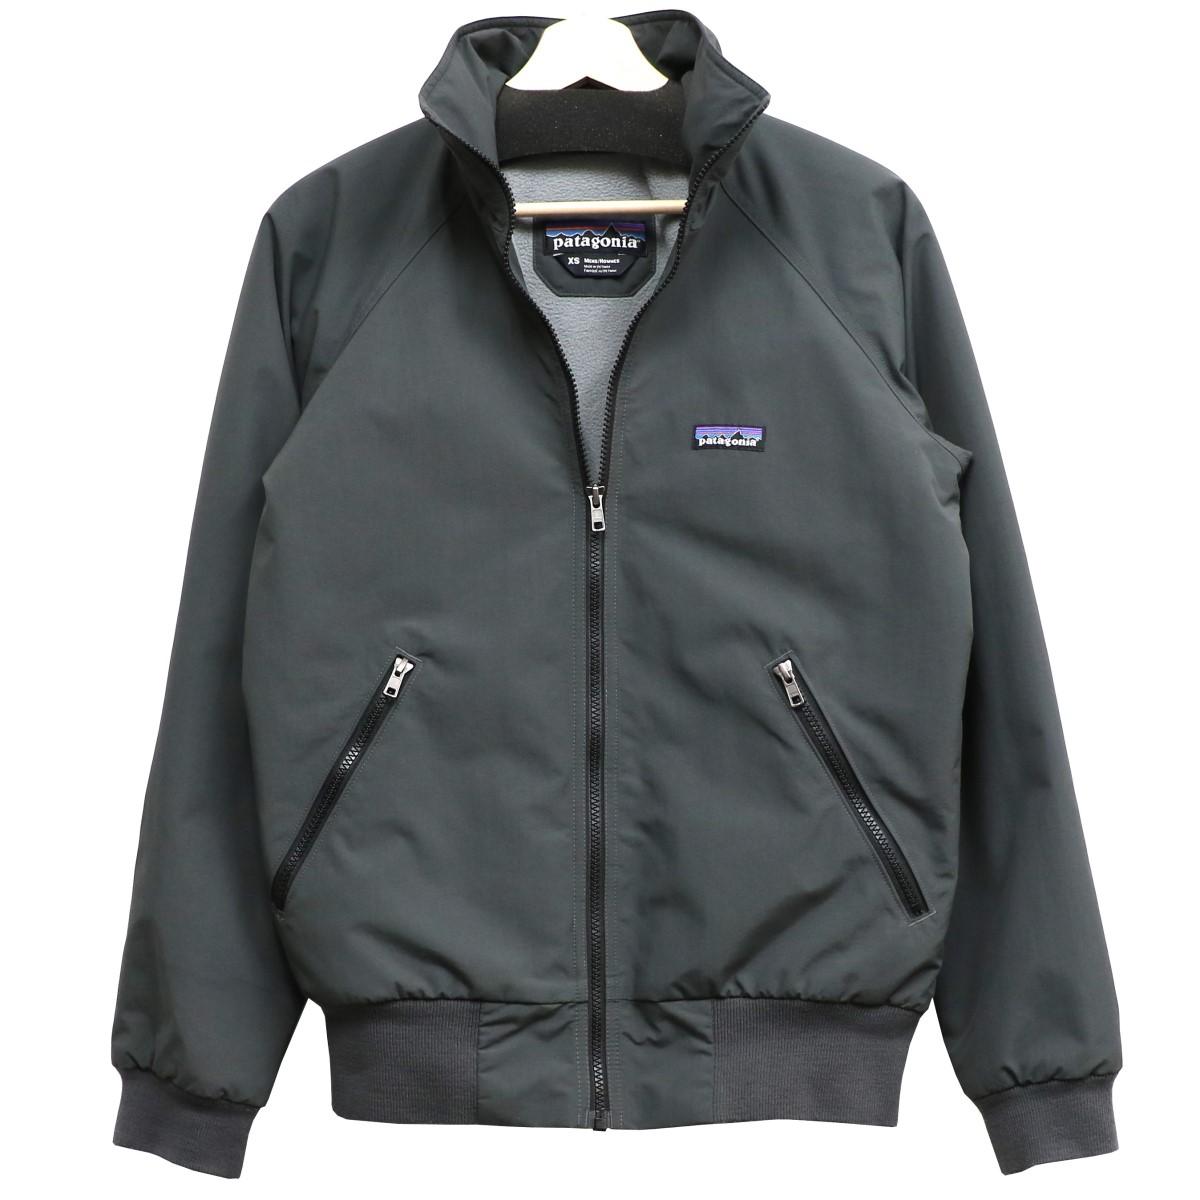 【中古】patagonia Shelled Synchilla Jacketシンチラジップアップジャケット グレー サイズ:XS 【220320】(パタゴニア)